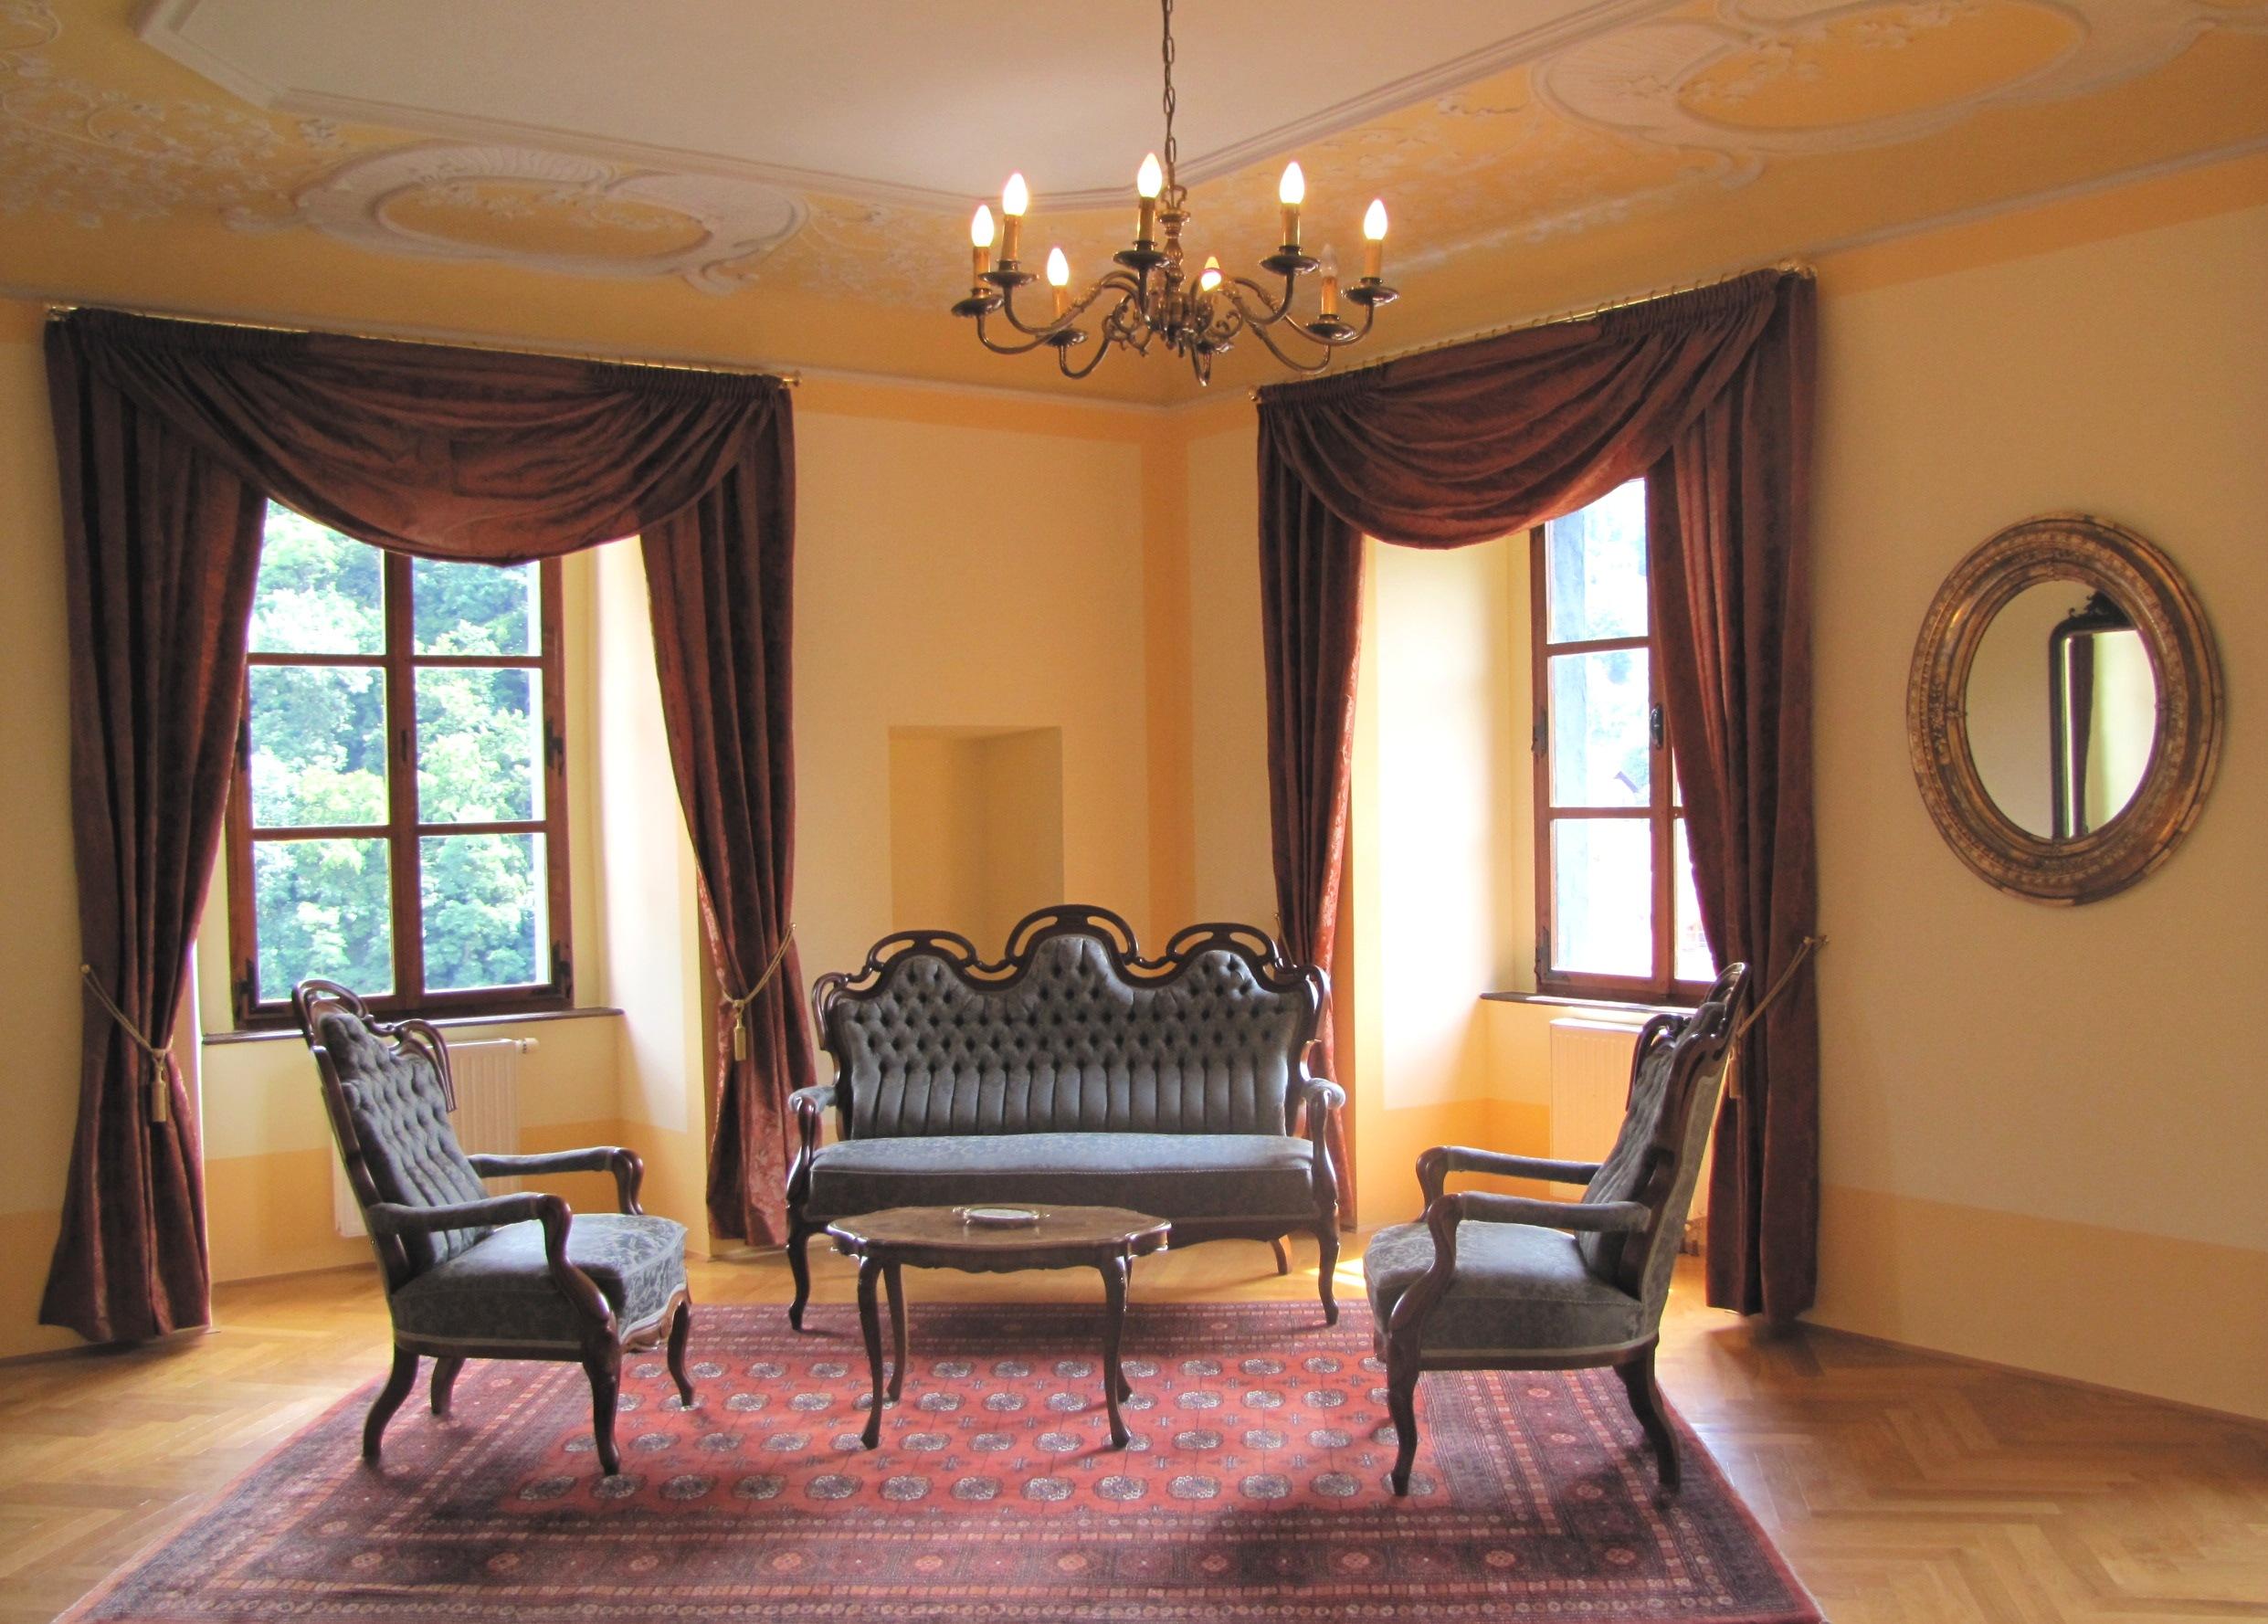 10 - Baročna grajska sprejemnica_Dvorec Strmol, Rogatec